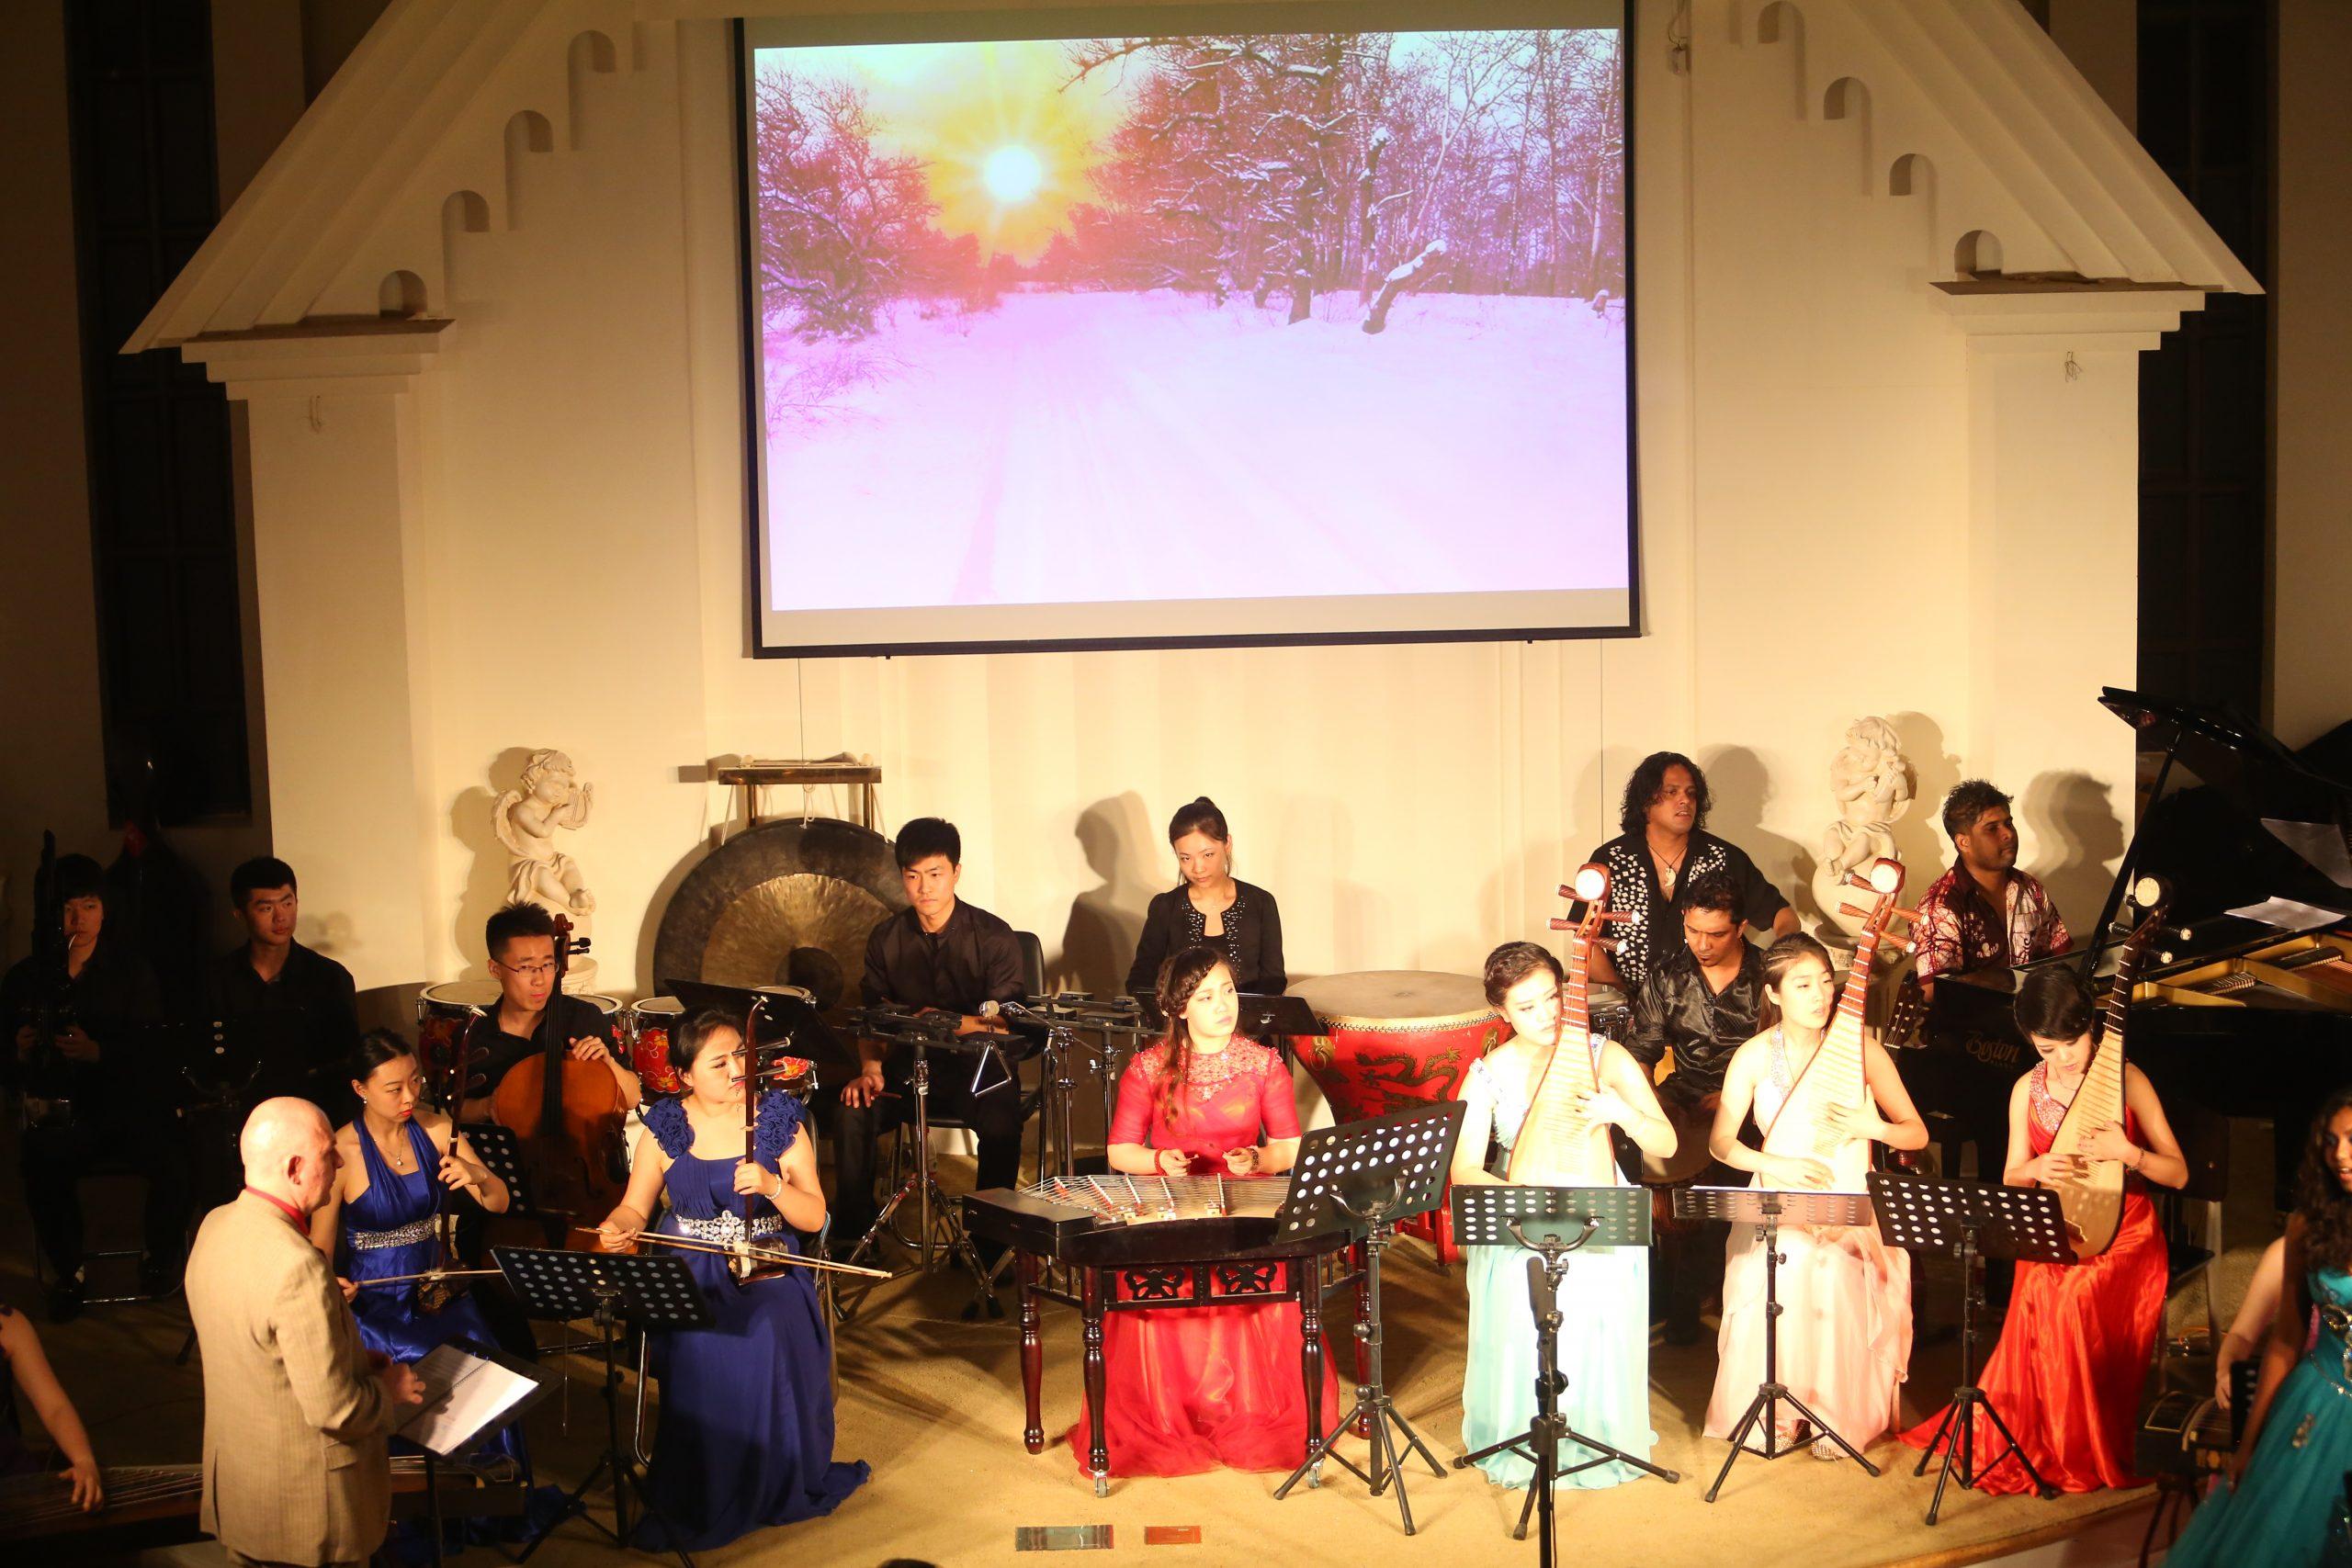 """Juscheld composer of the Oratorio Apocalypsis Iesu rehearses in Xi An with his """"Asian Ensemble"""""""